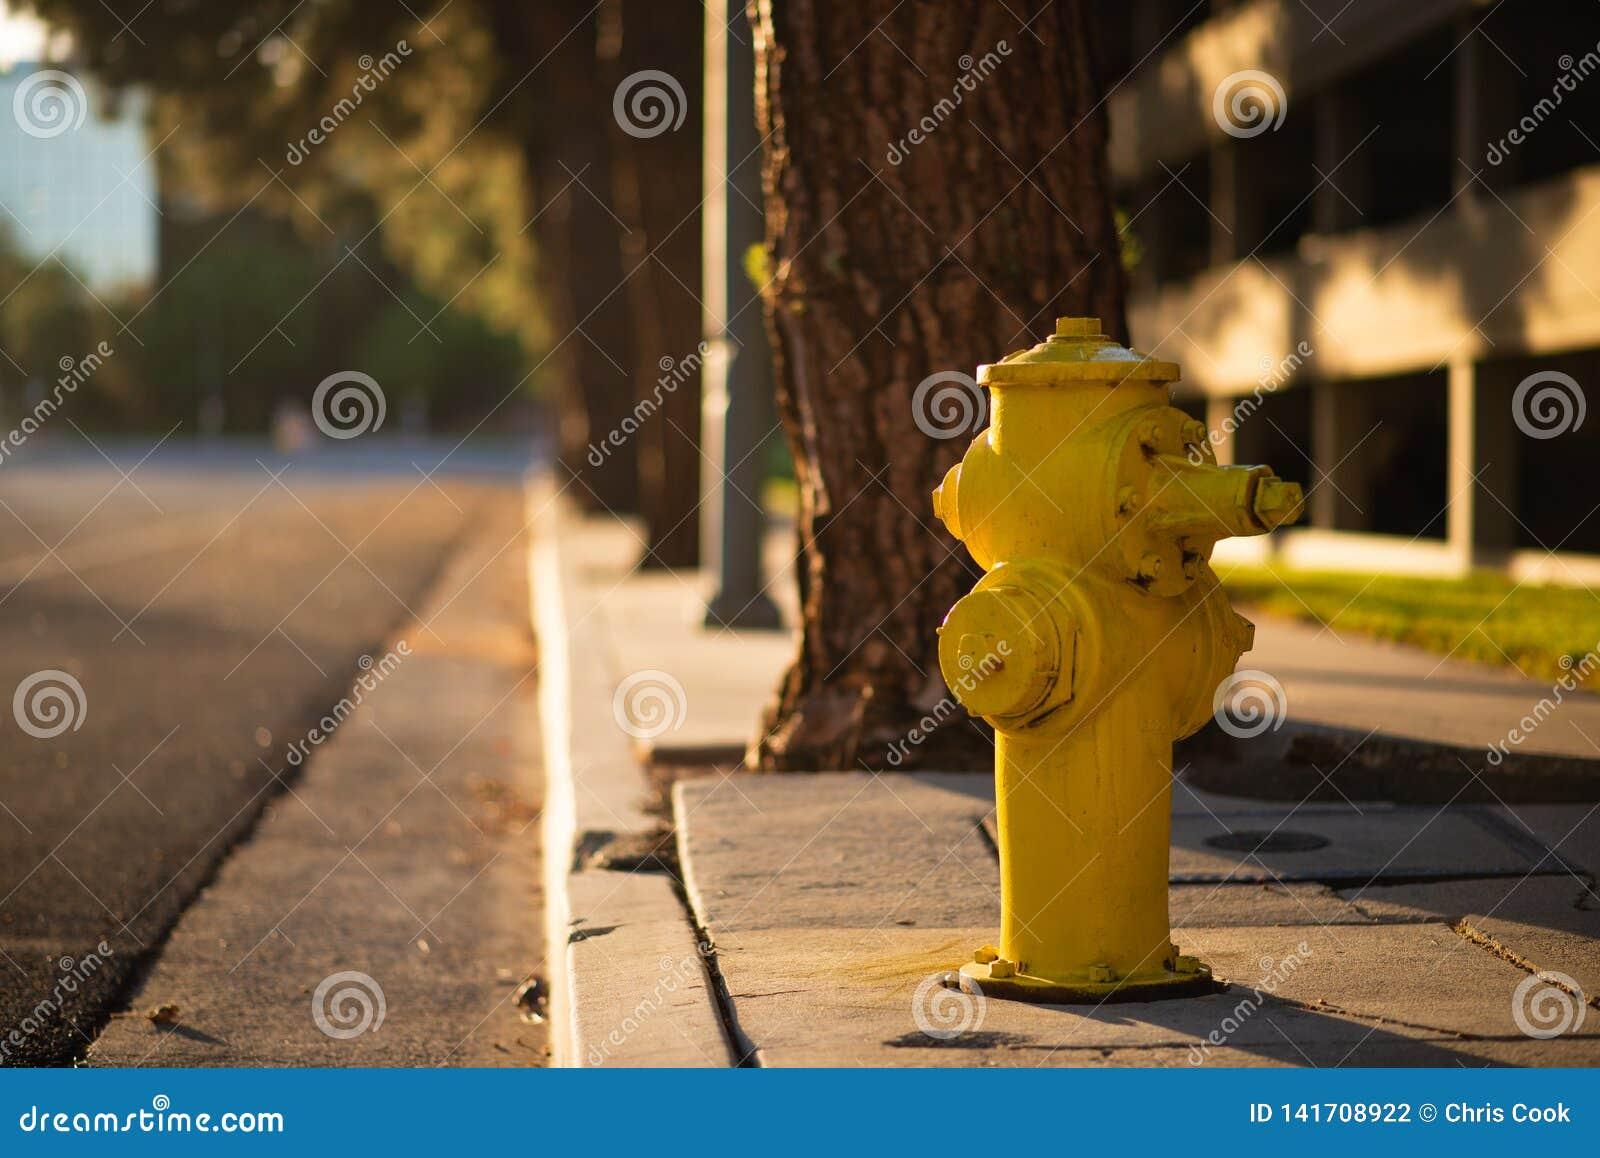 Ein gelber Hydrant nahe bei der Seite einer Straße während des Sonnenuntergangs im LA, Amerika